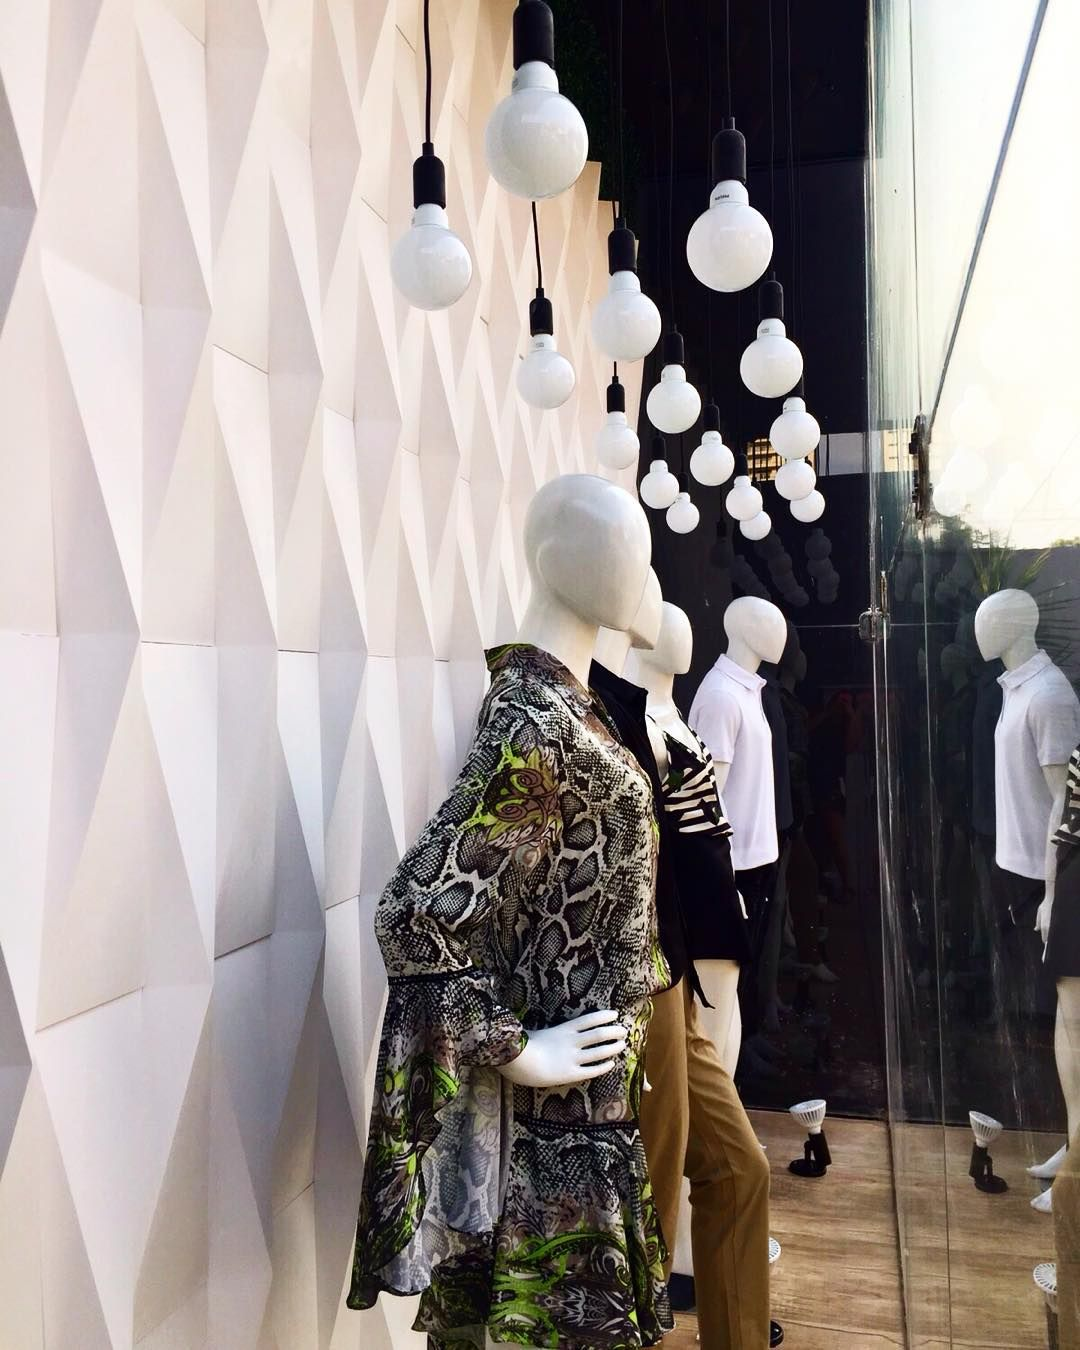 Pessoal olha que máximo que ficou esta vitrine da loja @clubsamea !!! A designer de interiores @laisrasera em parceria com a Ulishop abusou dos volumes e formas com o Revestimento Origami da @castelatto criando um cenário moderno e conceitual! Ficou um Show! Parabéns!!! #ulishop #arquiteto #arquitetura #architect #architecture #decor #design #decoração #designdeinteriores #revestimento #castelatto #instaarch #inspiração #moda #home by ulish0p